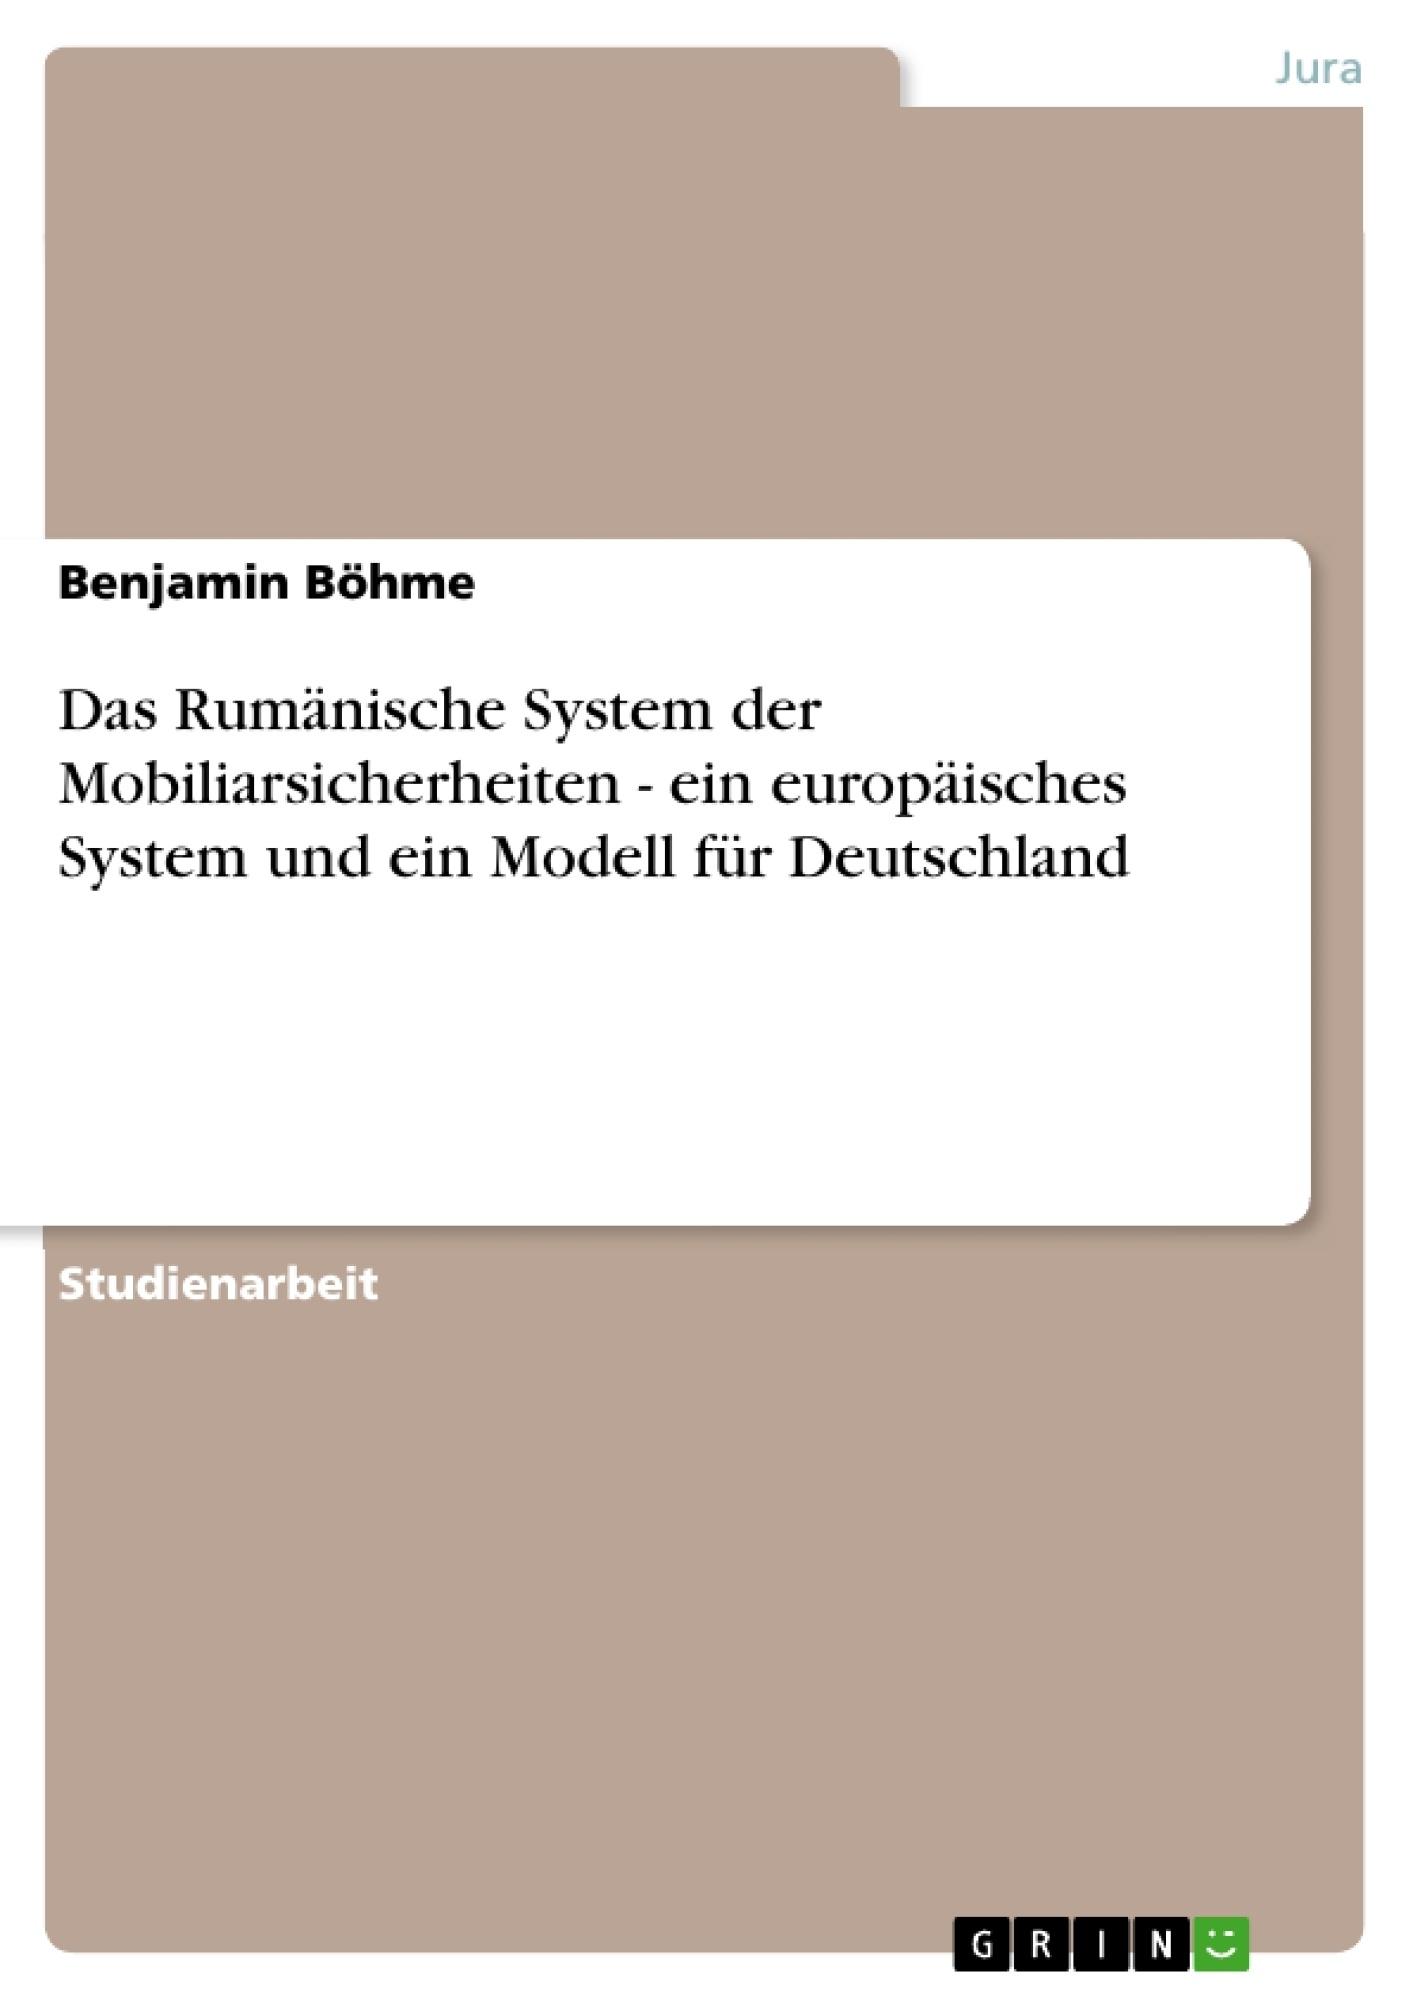 Titel: Das Rumänische System der Mobiliarsicherheiten - ein europäisches System und ein Modell für Deutschland